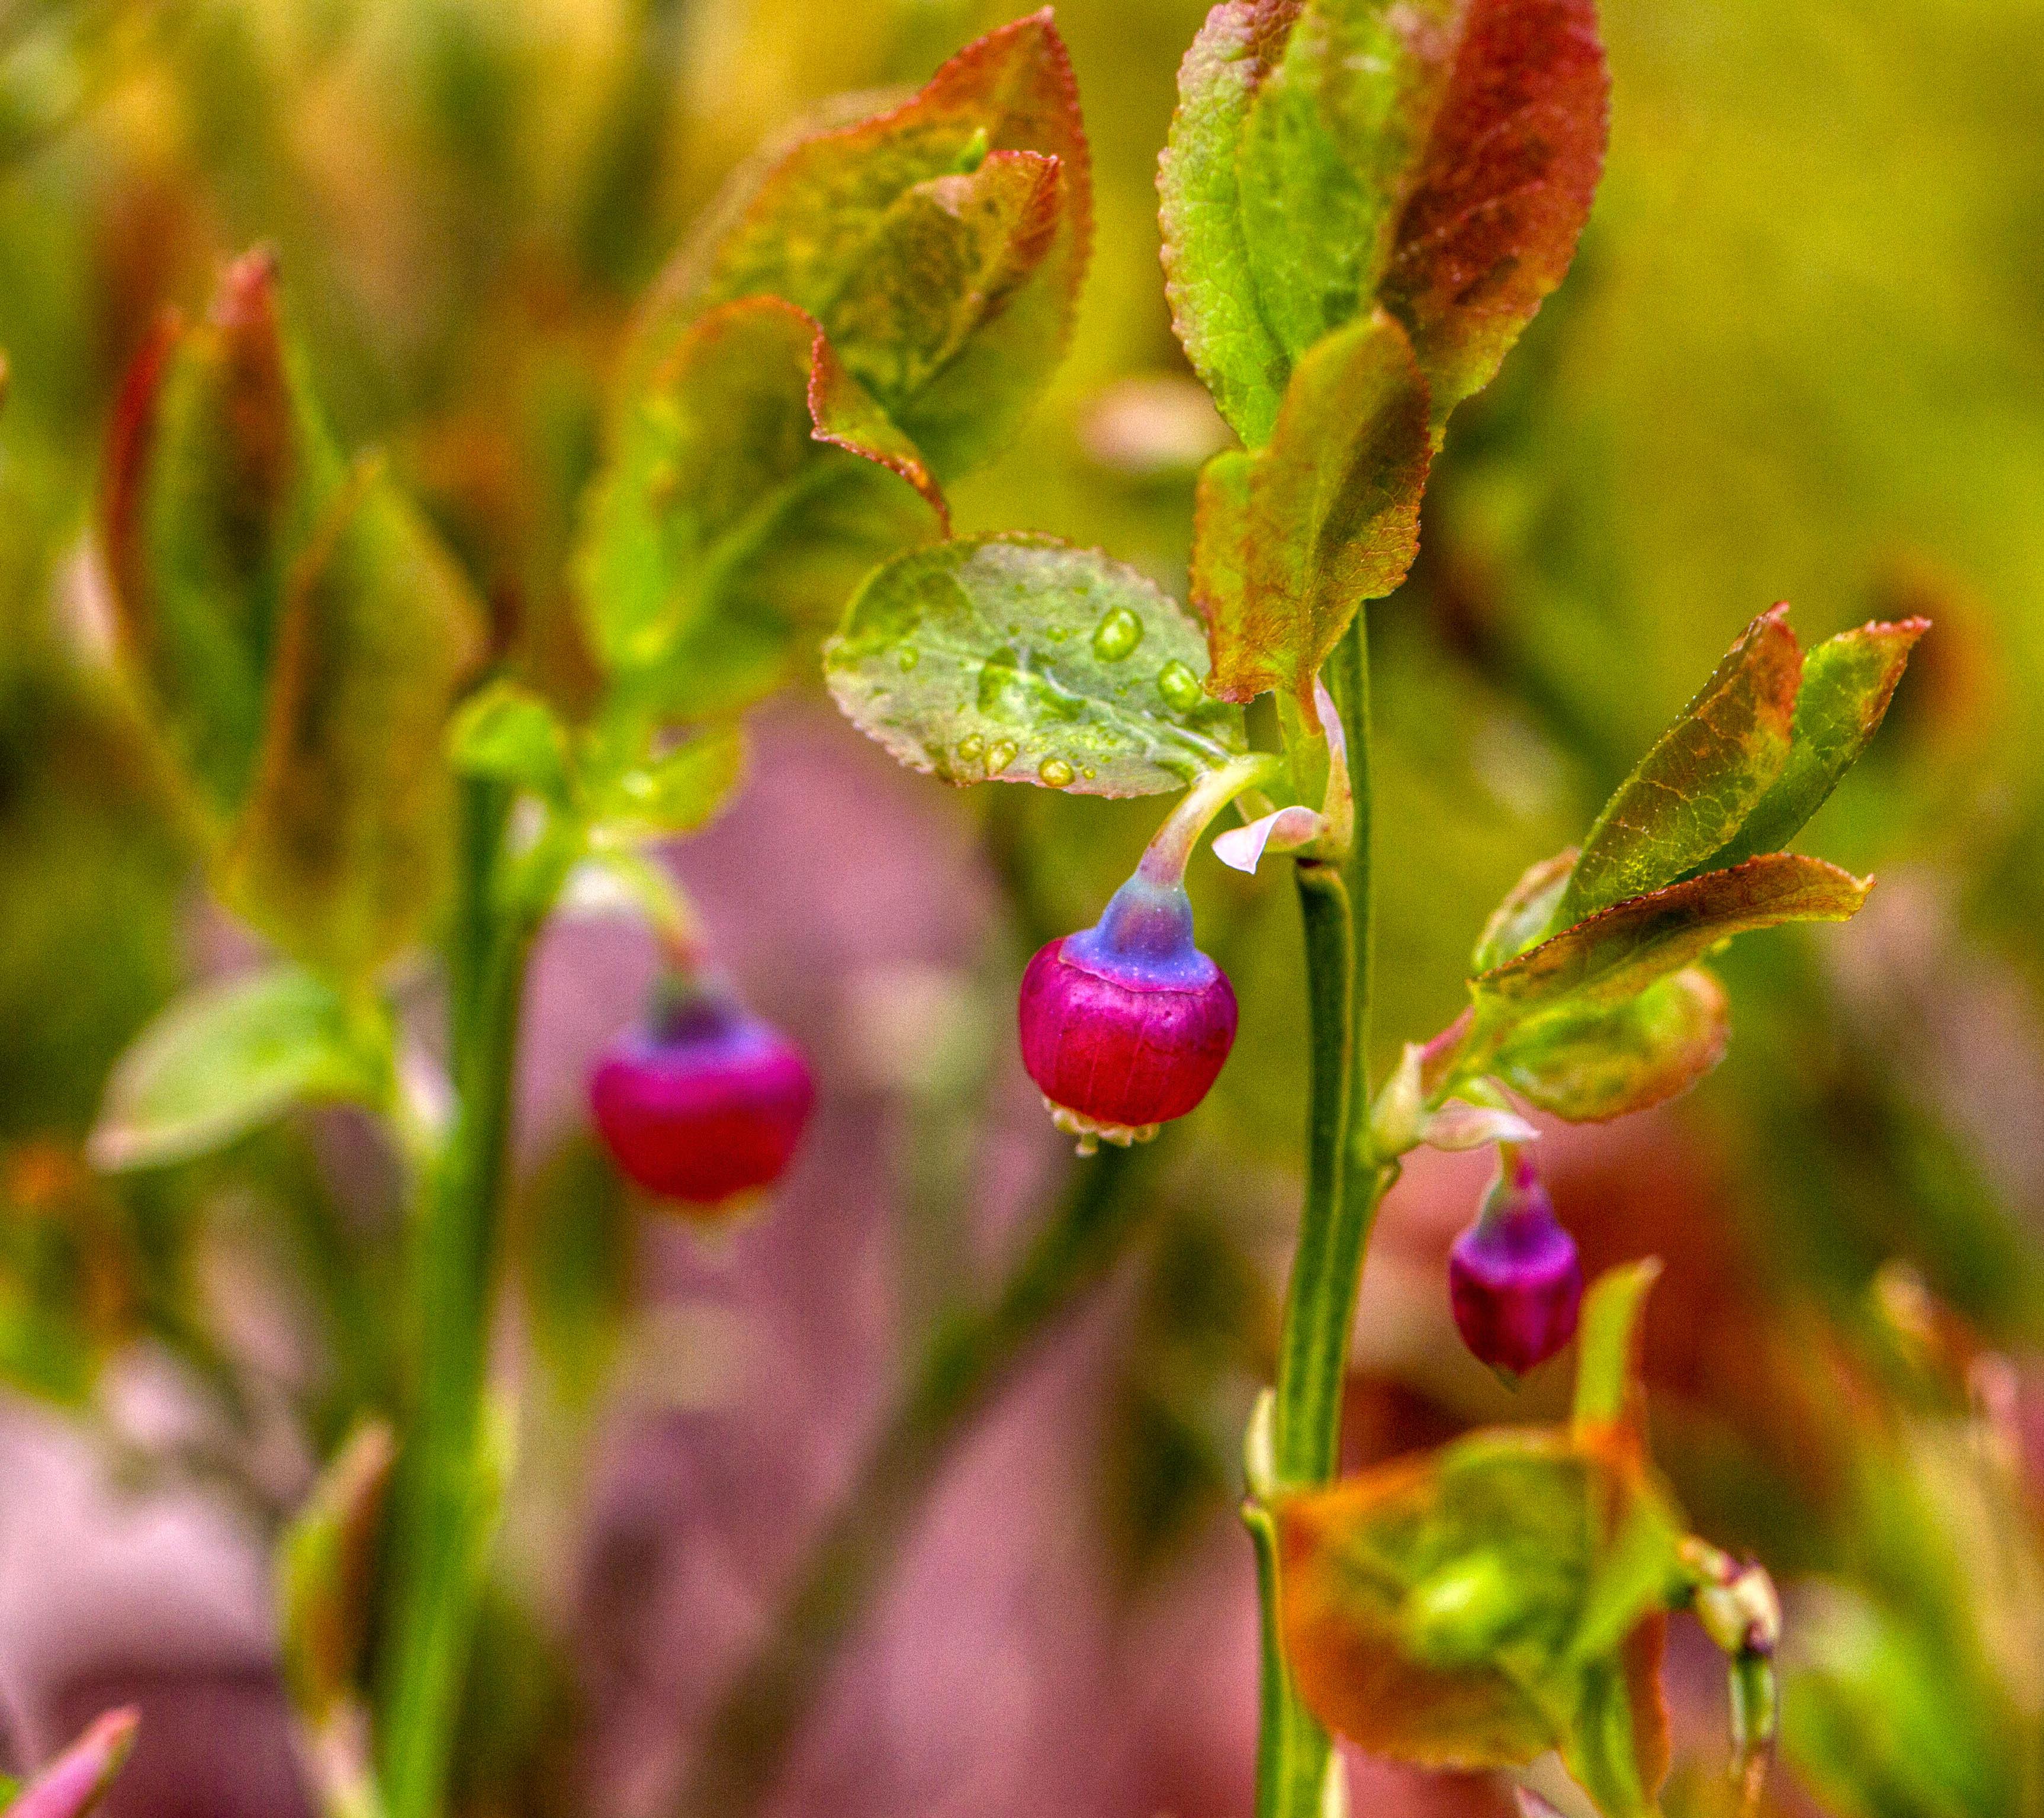 Bilberries overlooked by grazing animals